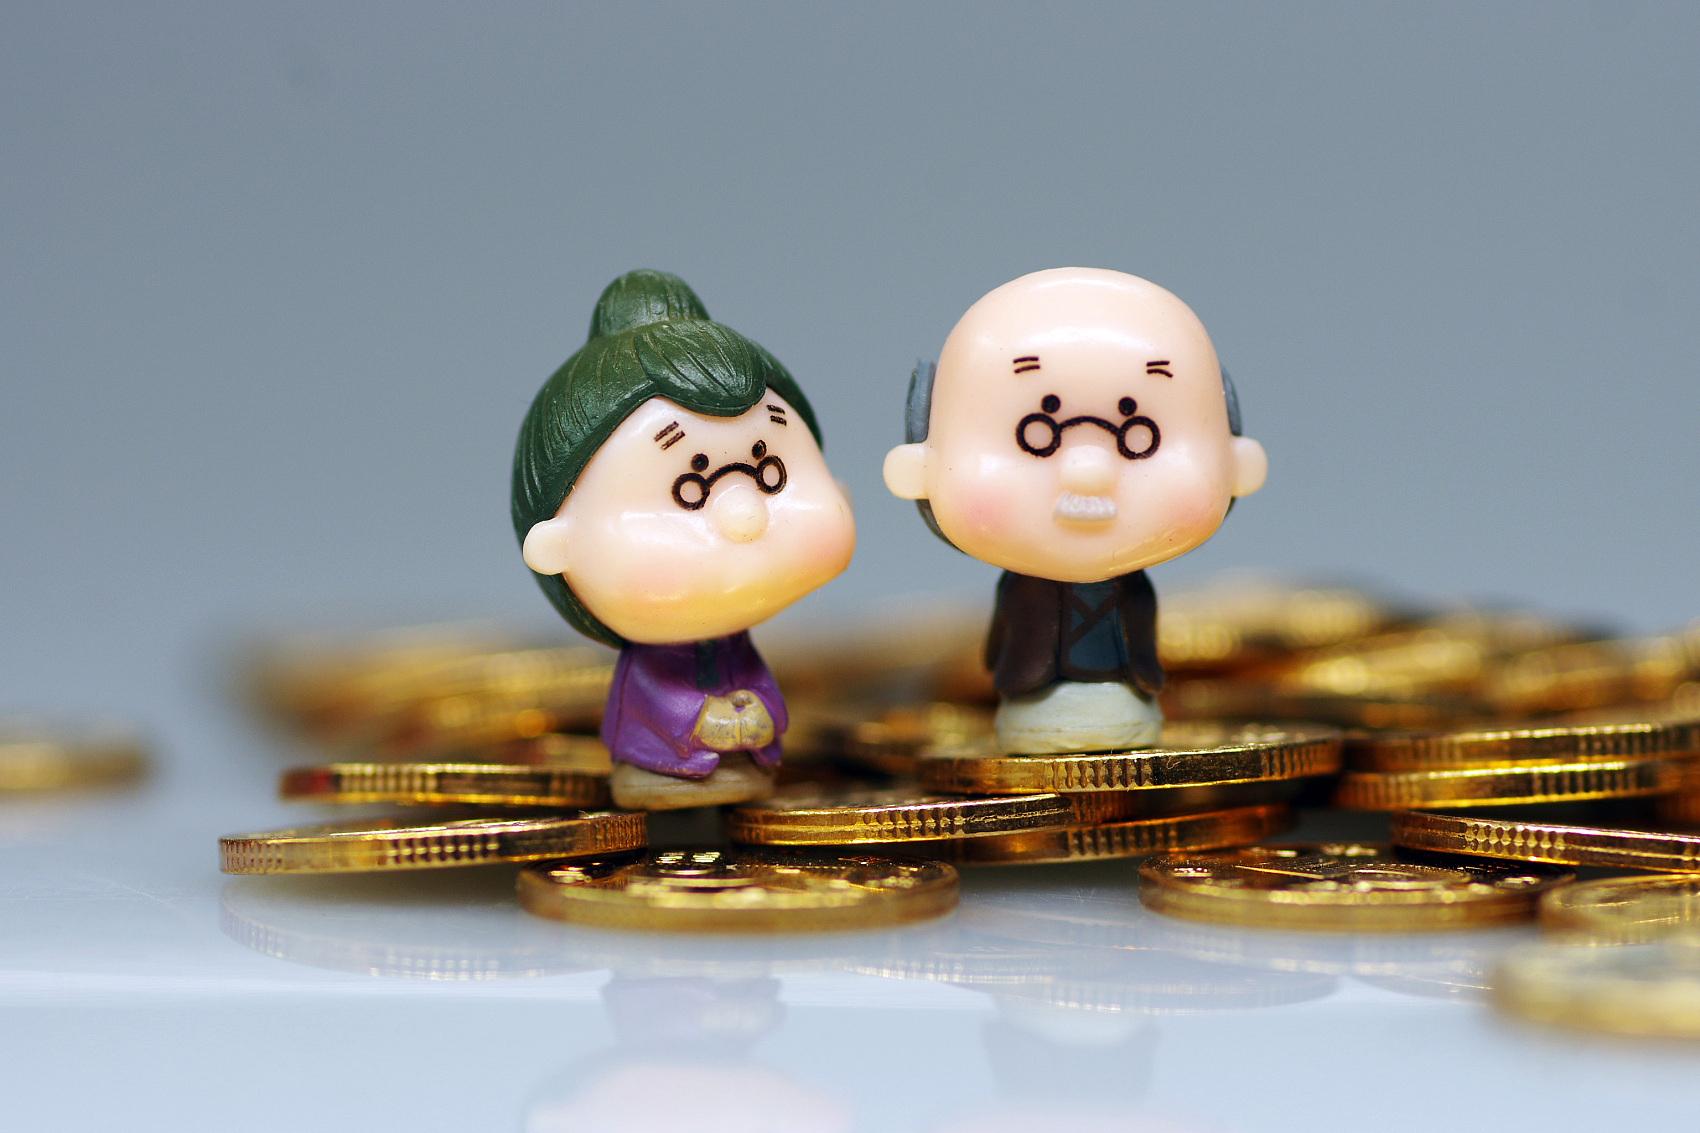 """税延养老保险试点一年遇冷:投保人多是高收入群体,为完成任务险企号召员工""""掏腰包"""""""